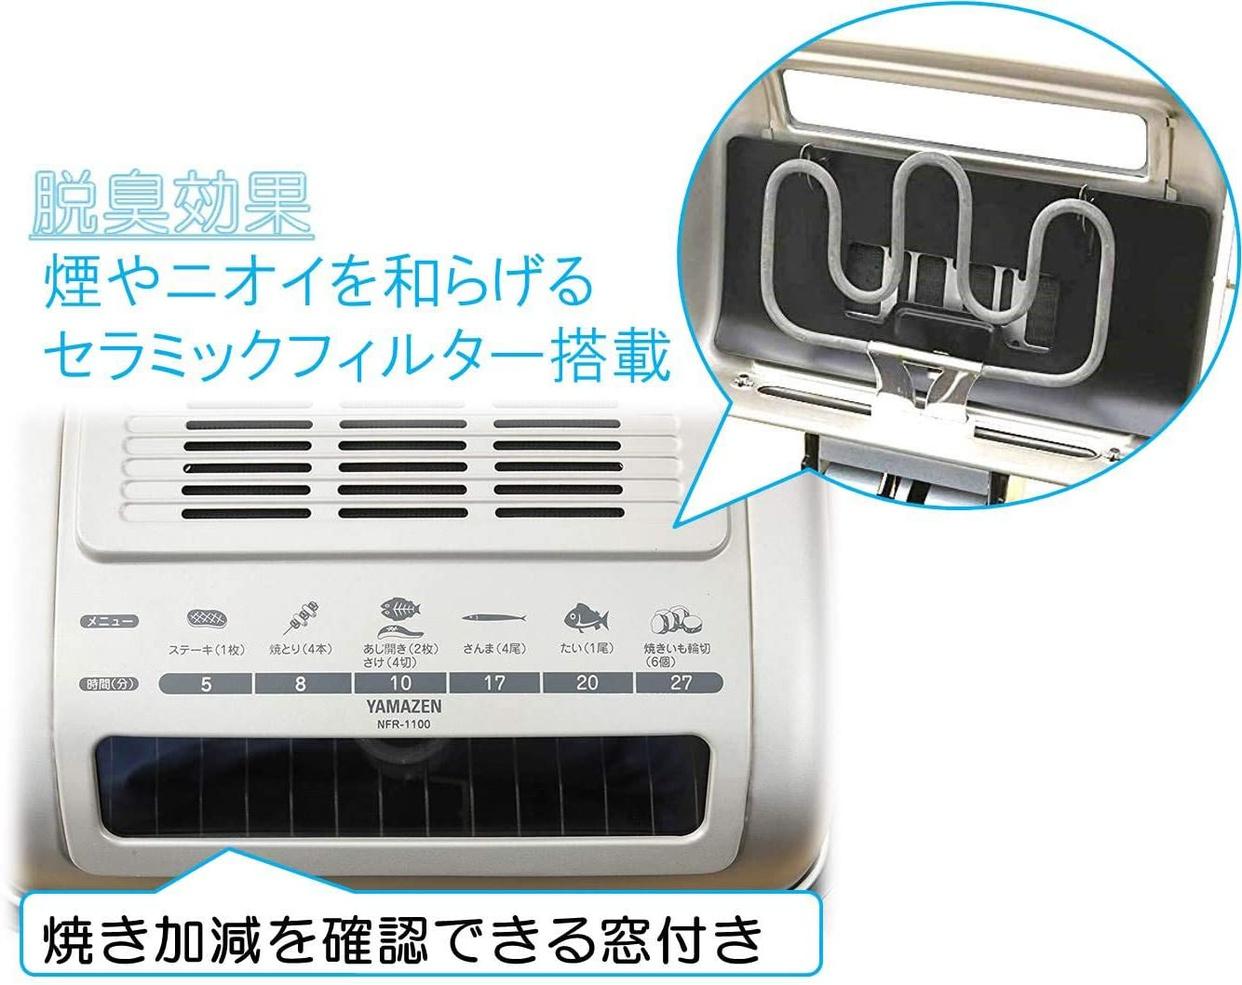 山善(YAMAZEN) ワイドグリル  NFR-1100の商品画像3